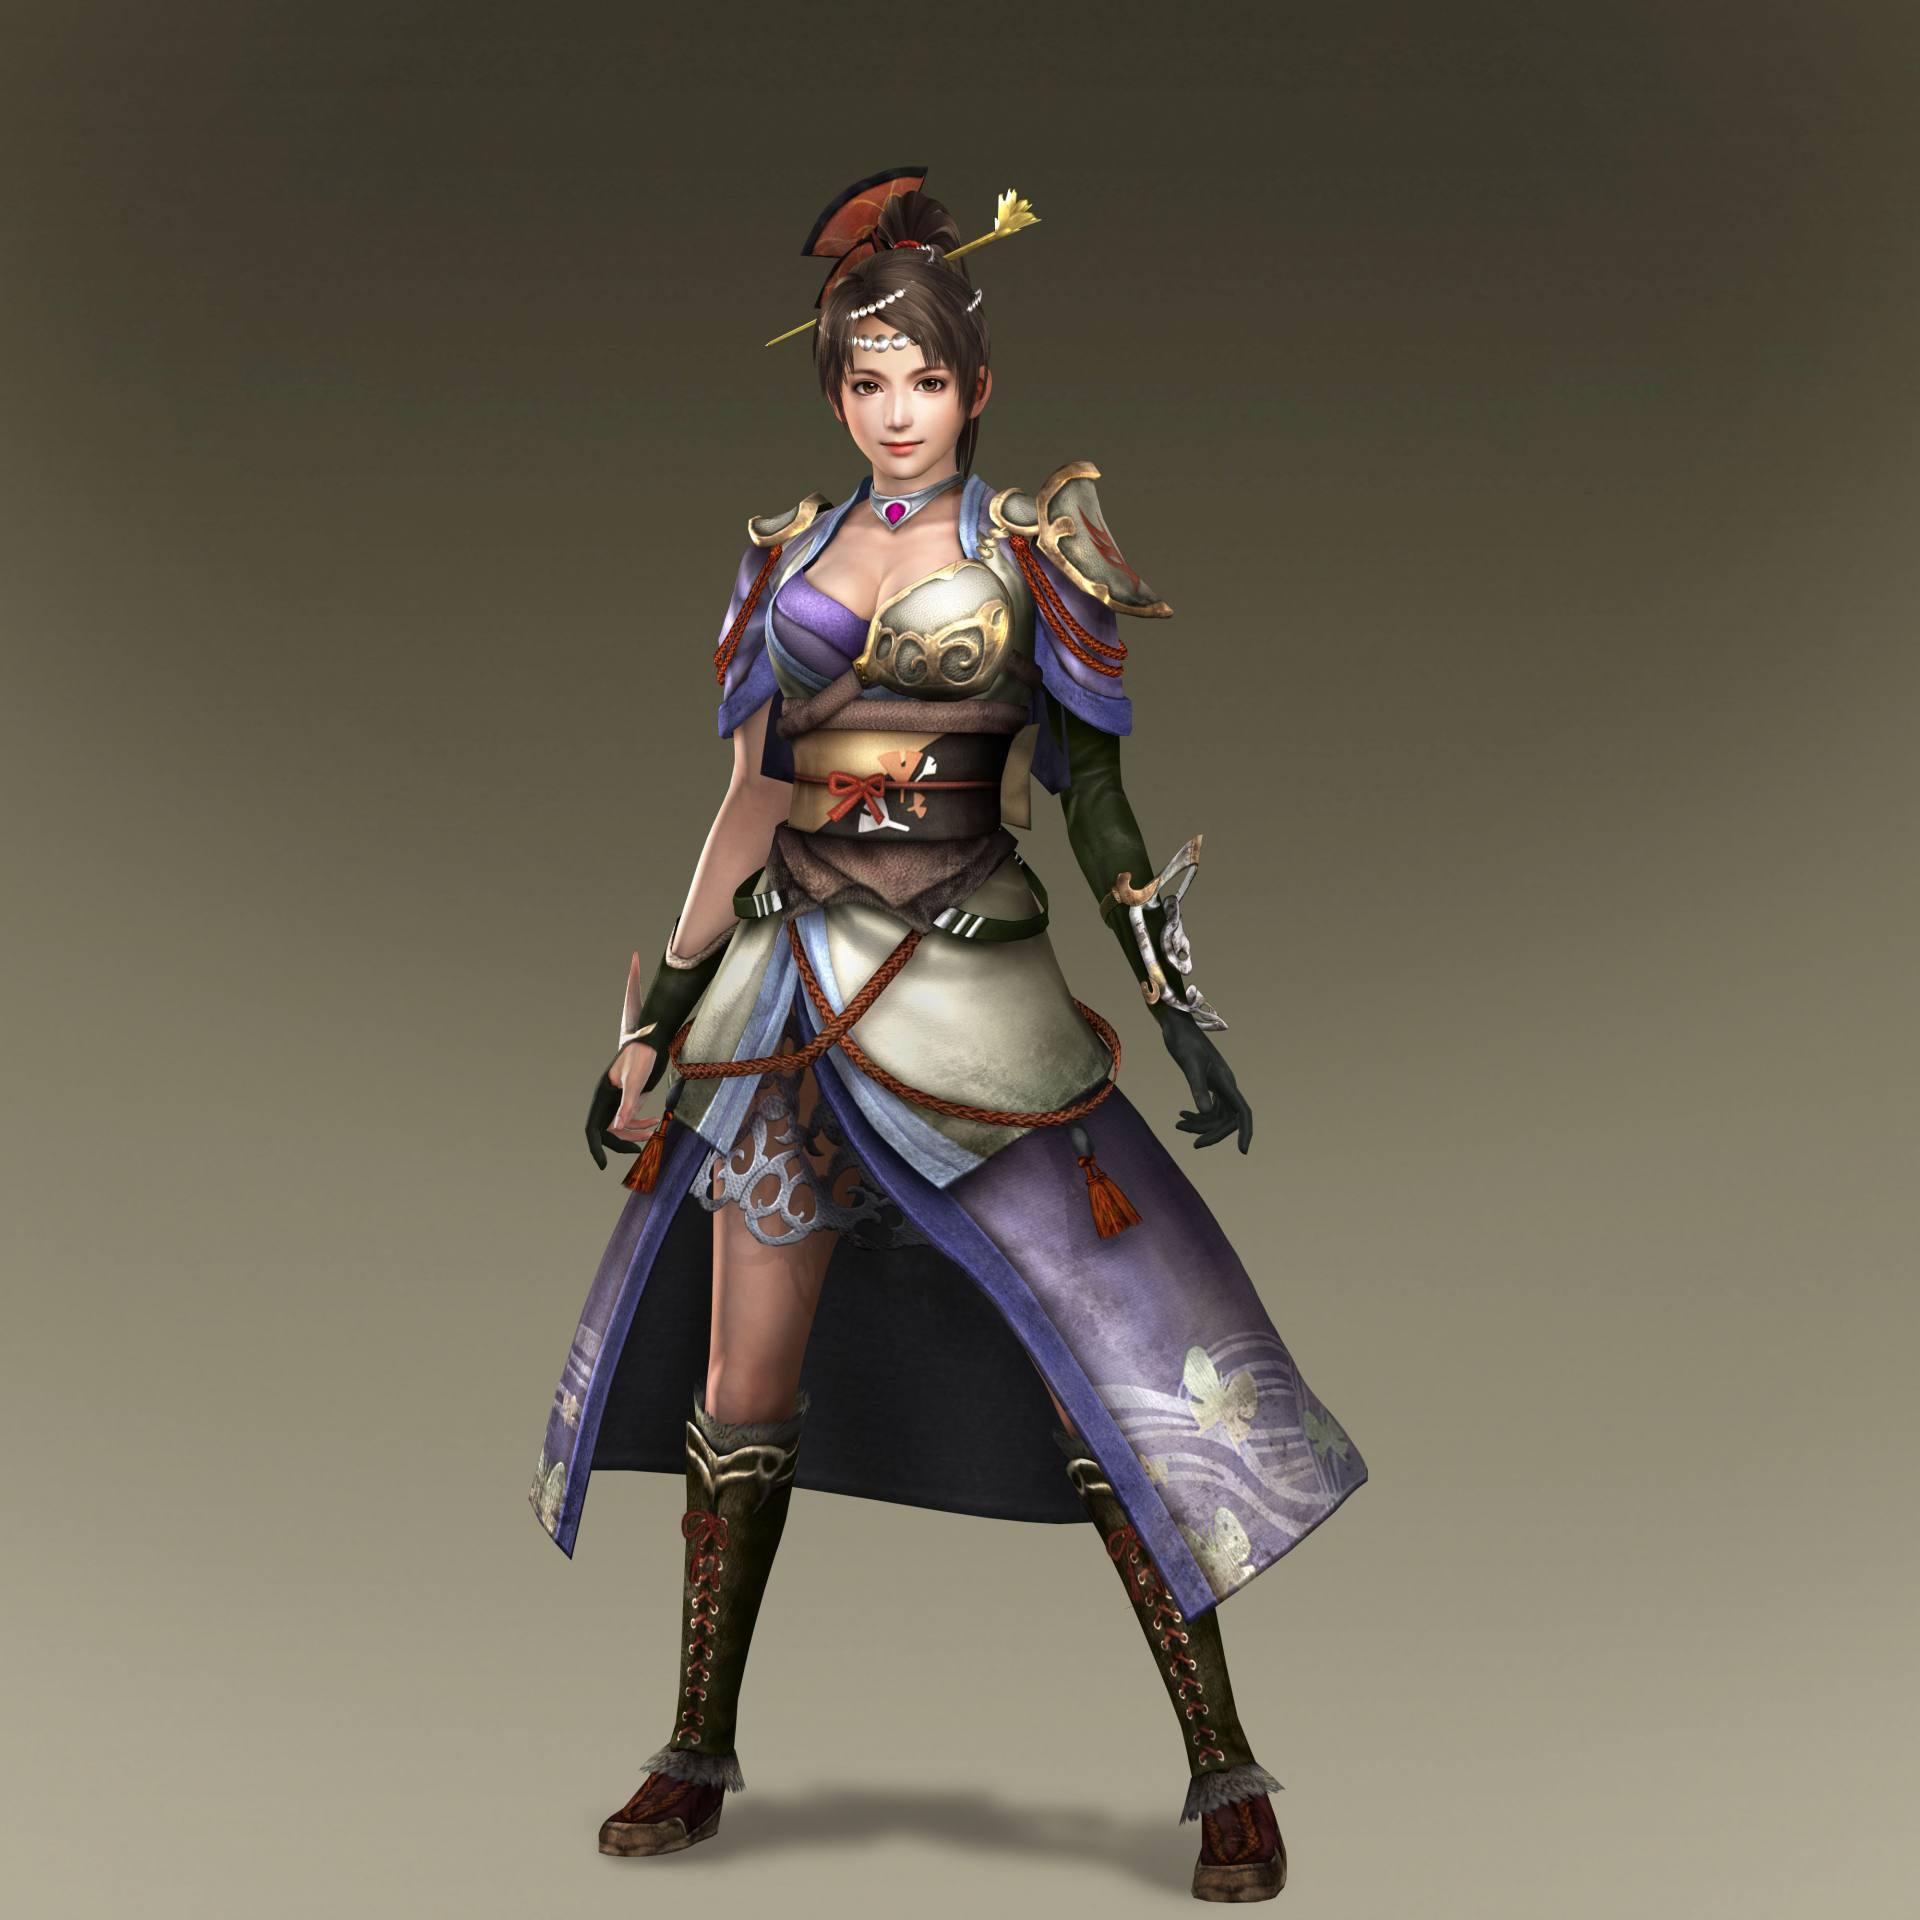 Toukiden Kiwami 23-01-15 021